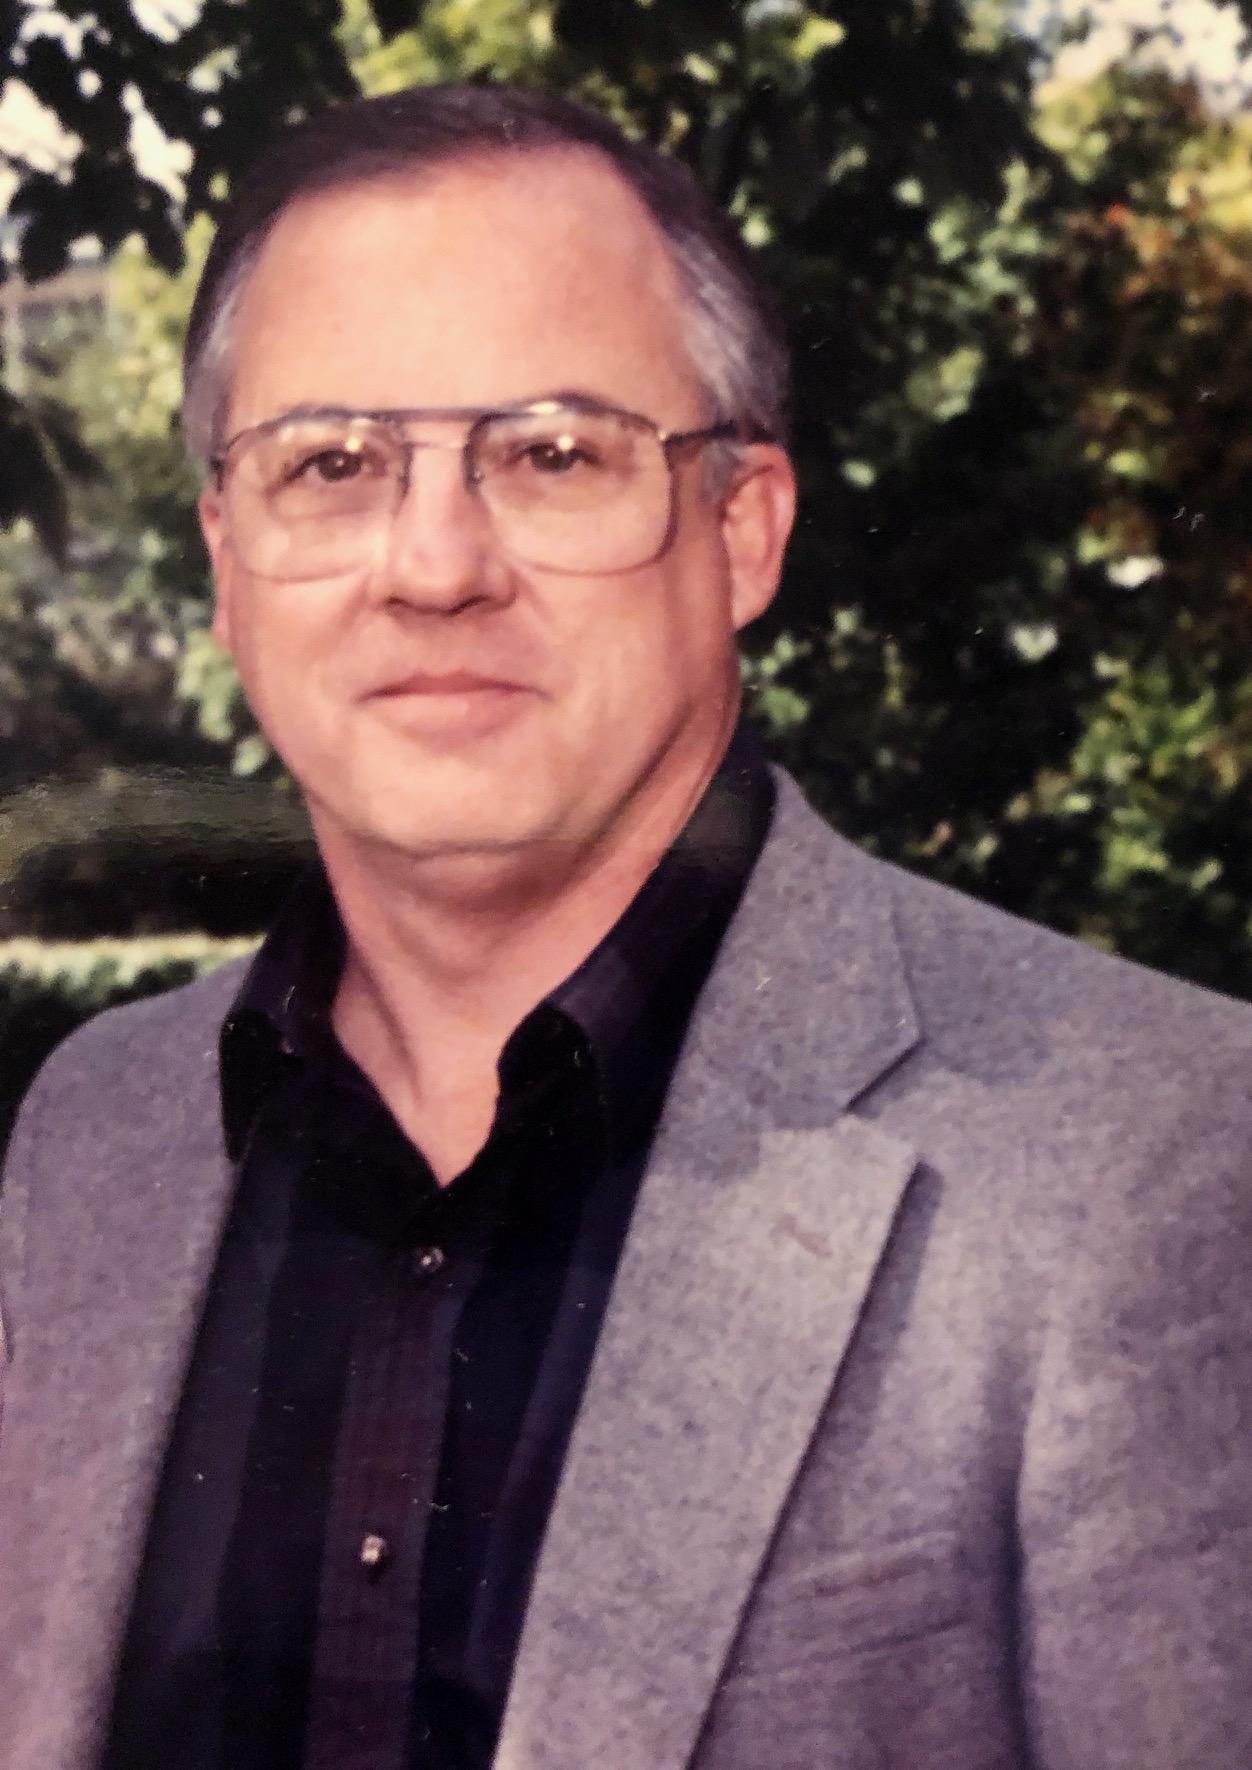 Thomas Ellis Jr. photo 1 - Thomas Fletcher Ellis, Jr.